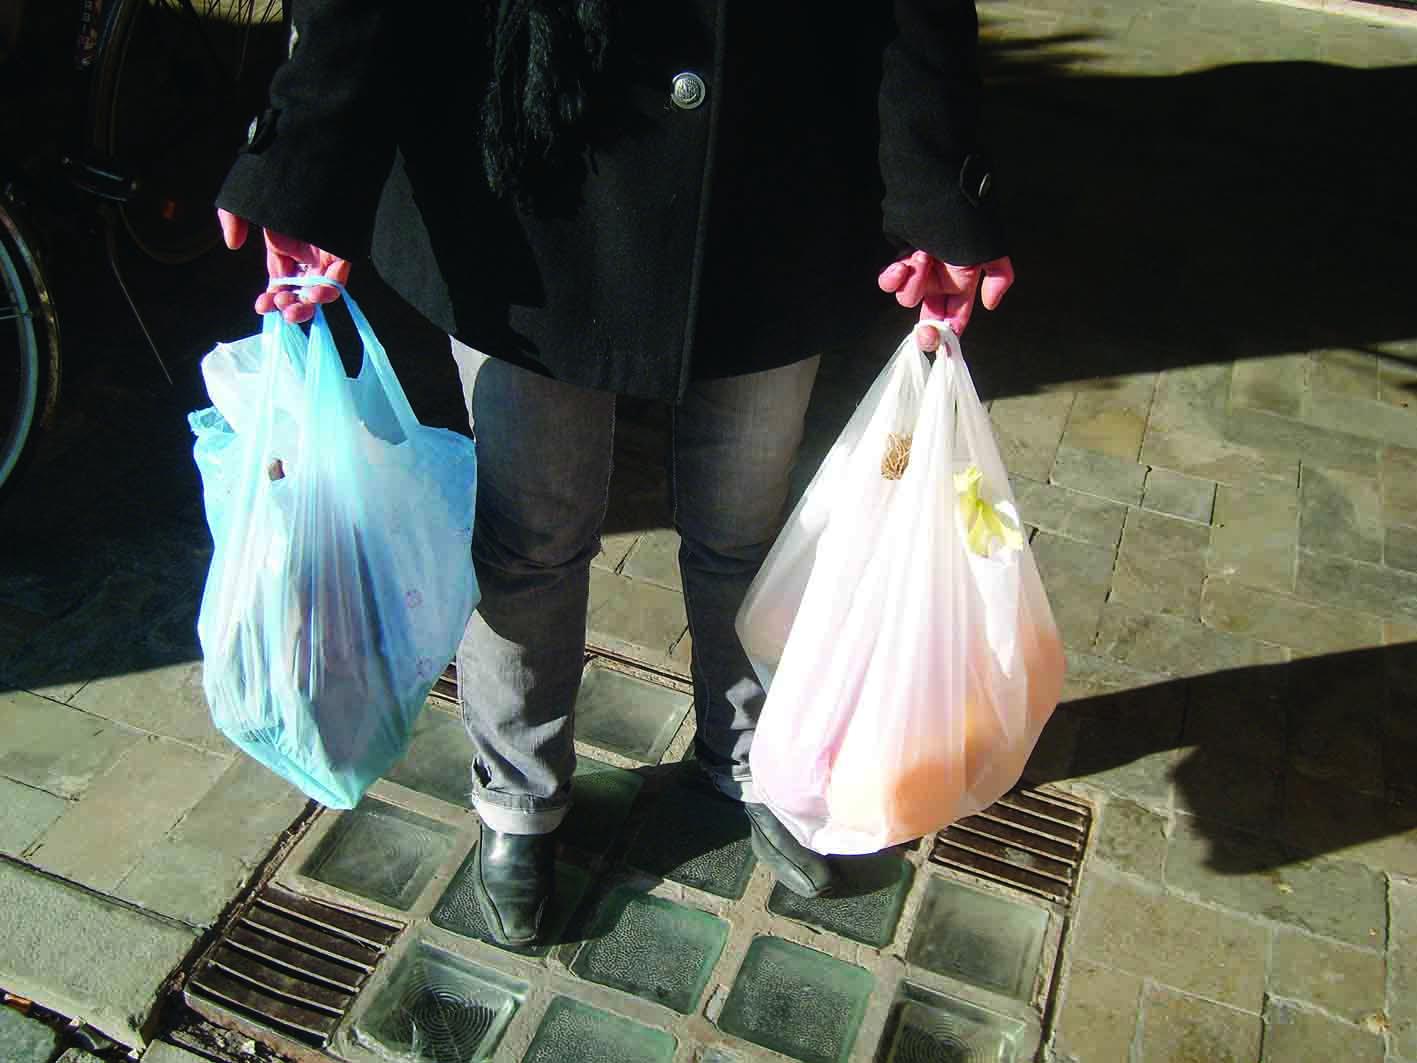 UFFICIALE: da lunedì no borse di plastica in Kenya